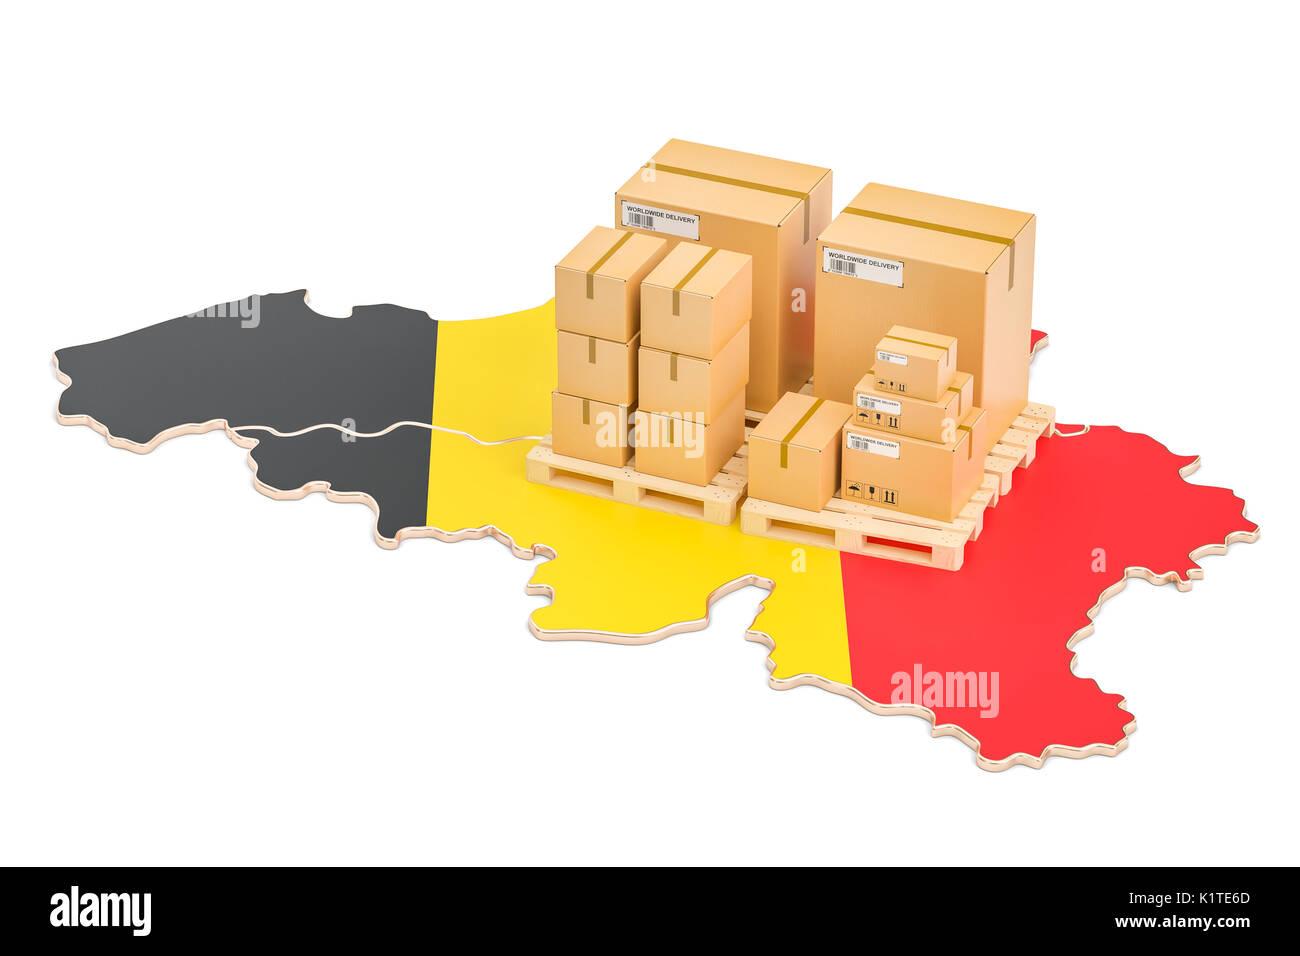 Spese di spedizione e tempi di consegna dal belgio isolato su